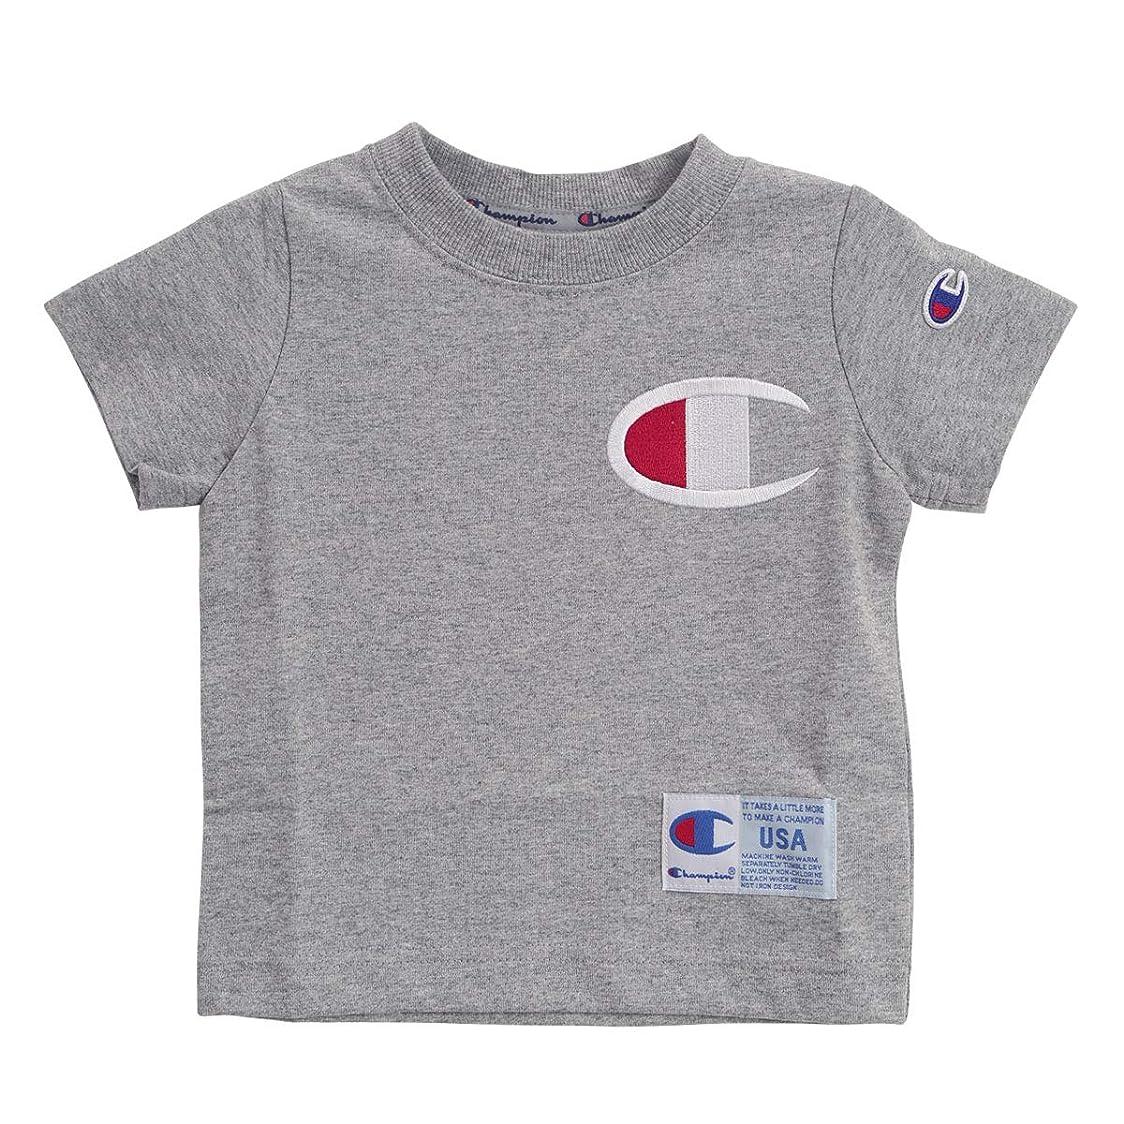 環境保護主義者レジ光沢(チャンピオン)Champion キッズ 男の子 女の子 ビッグロゴ 半袖 Tシャツ 子供服 90cm-140cm